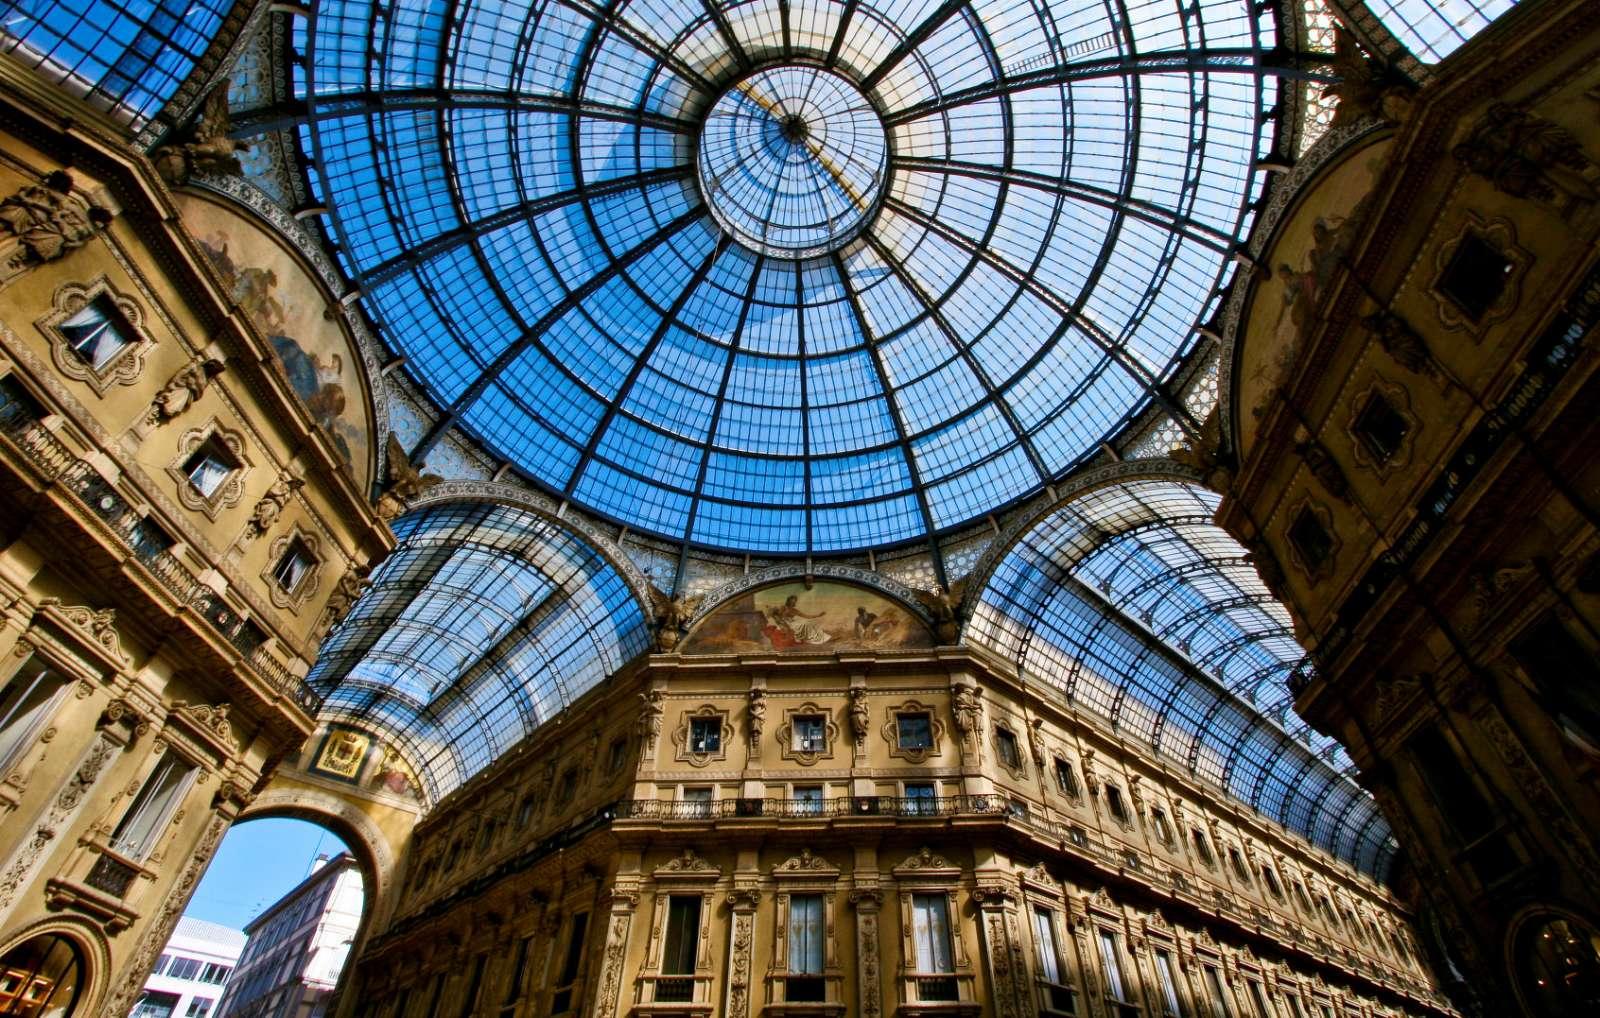 Den imponerende tagkonstruktion i galleriet Vittorio Emanuele II